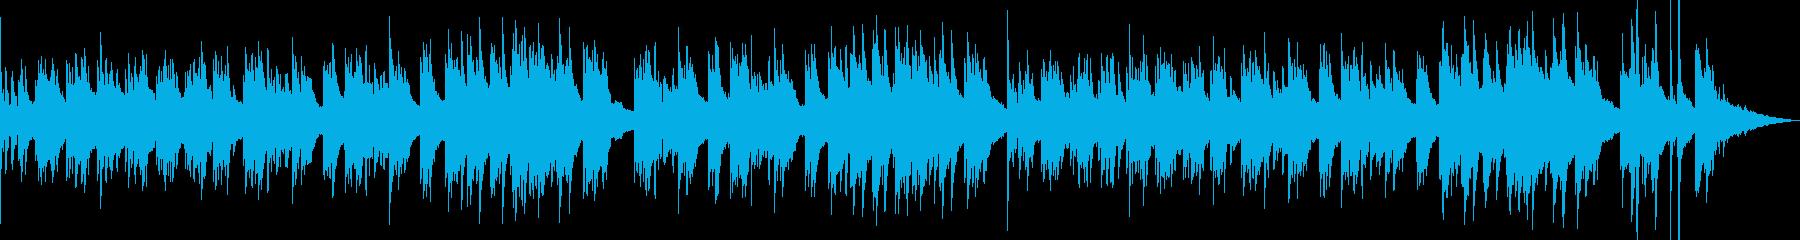 失恋を表現したピアノソロの再生済みの波形